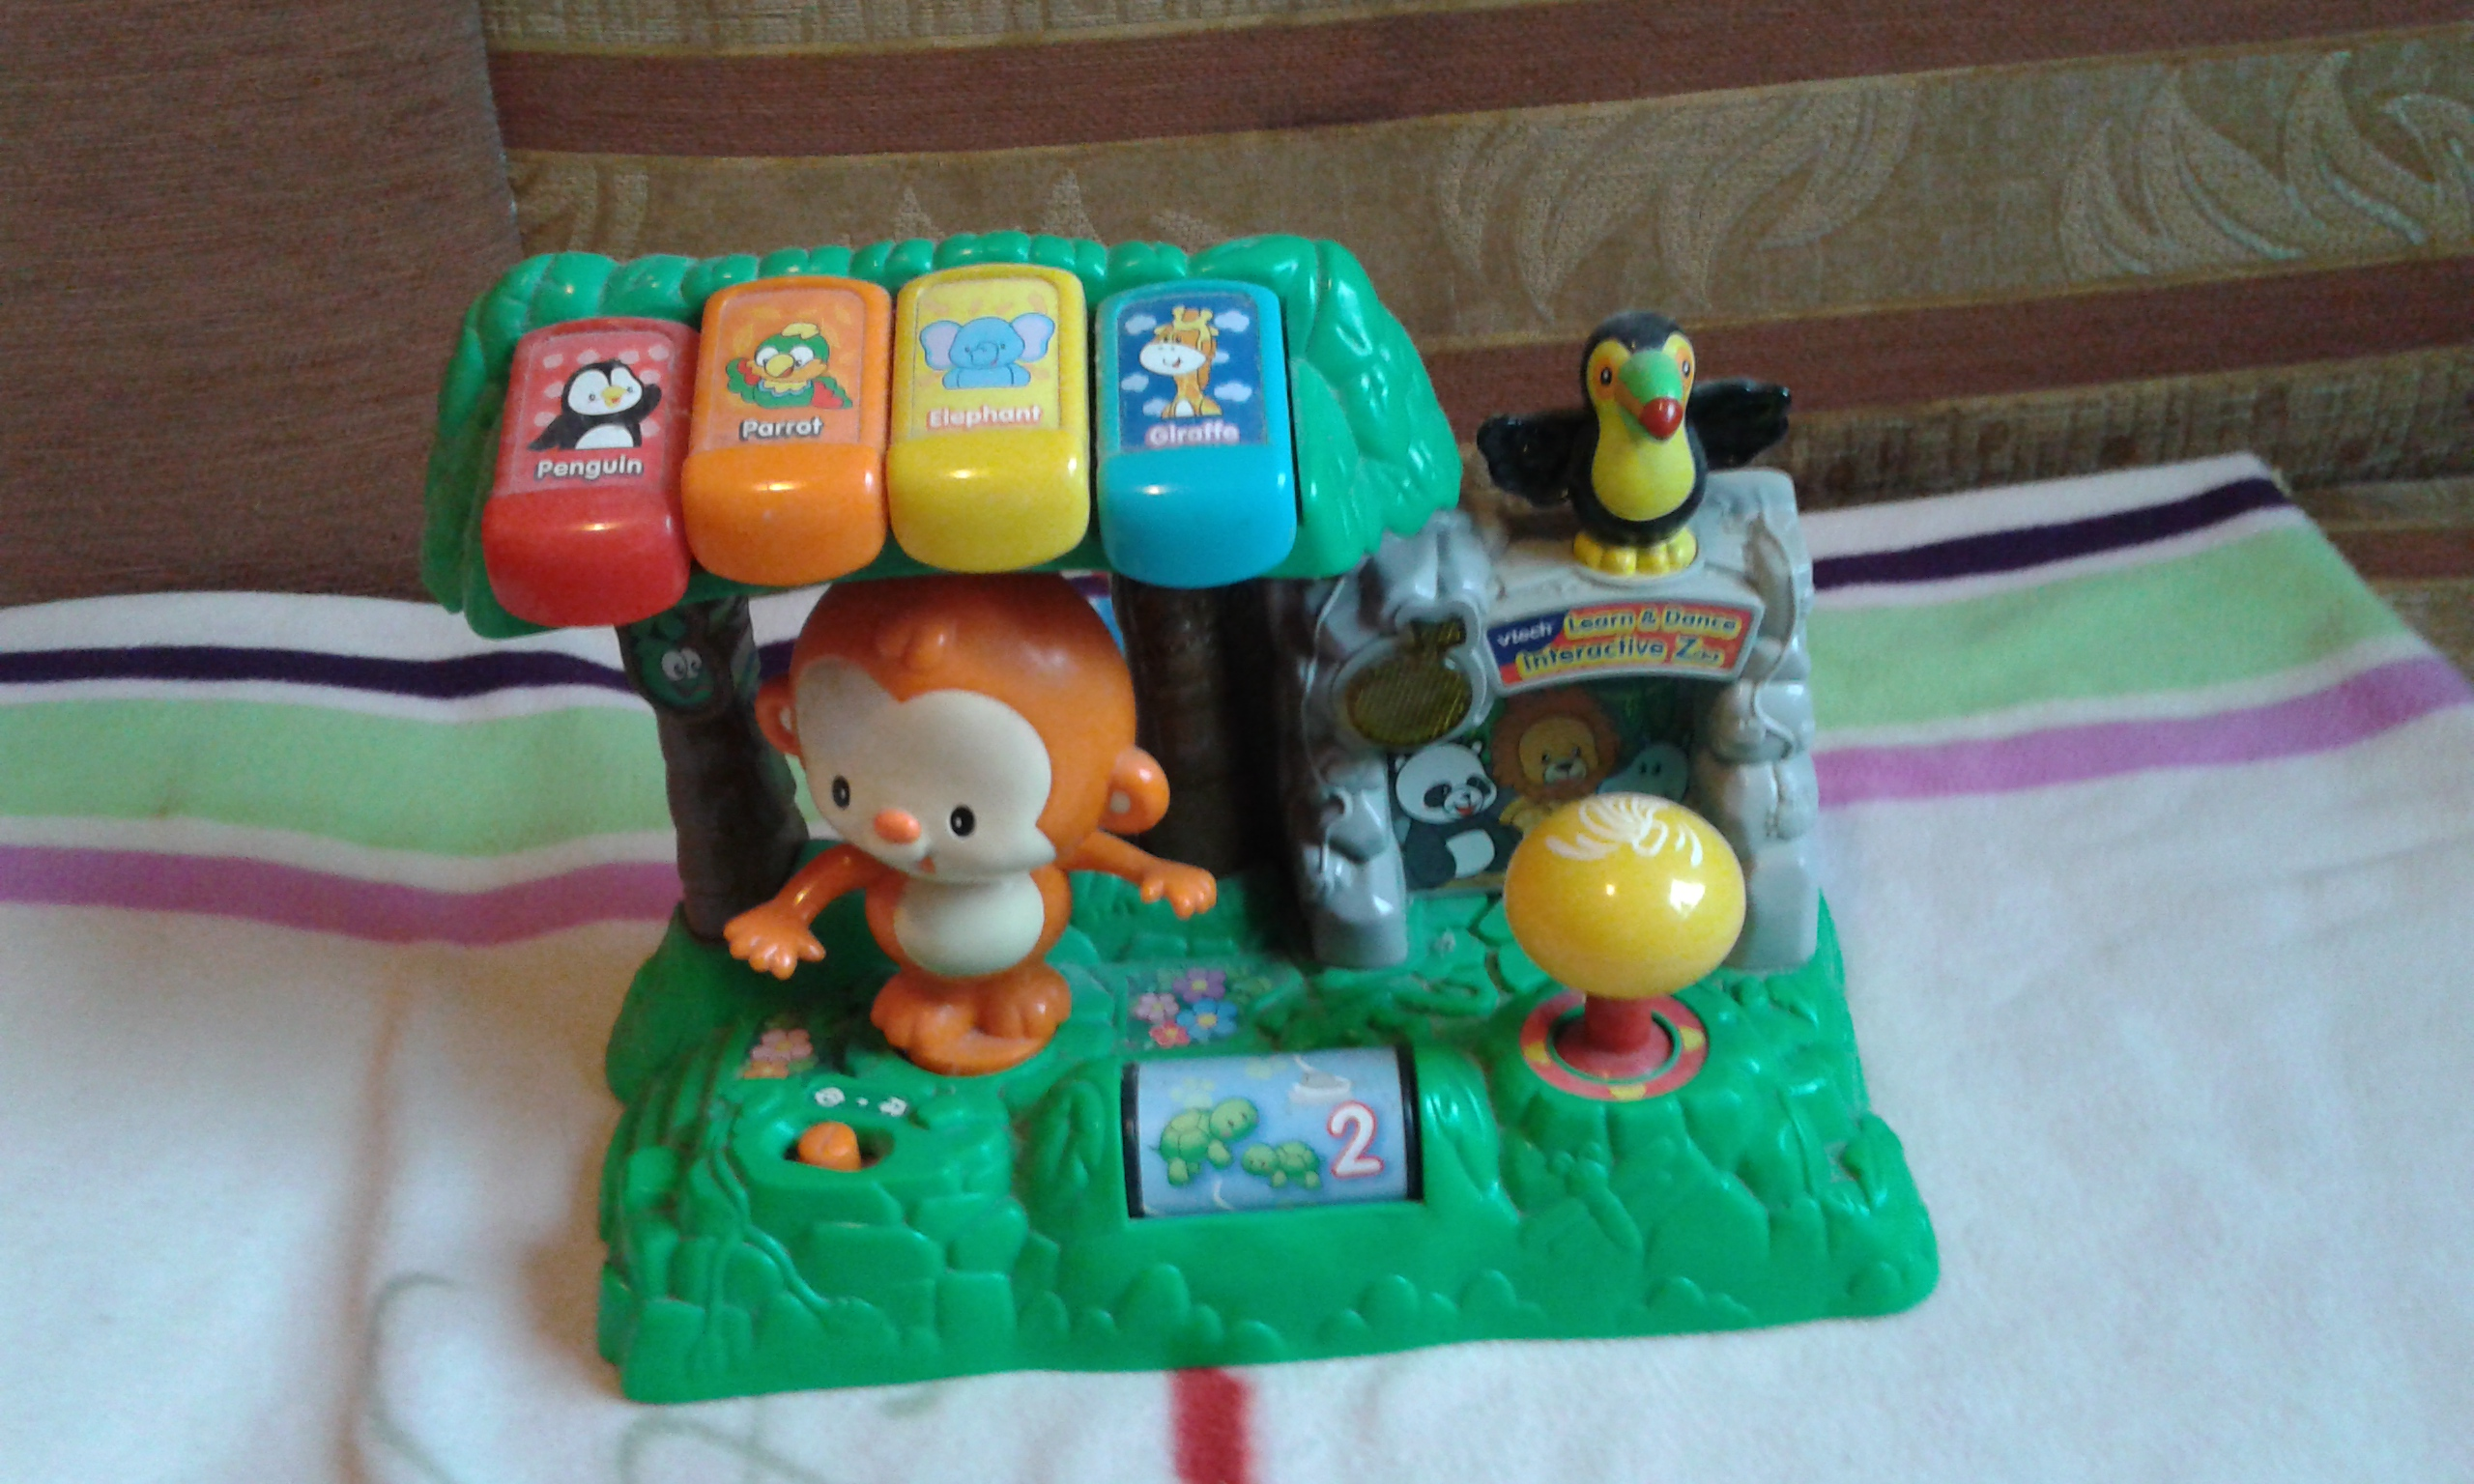 sprzedam zabawke interaktywna